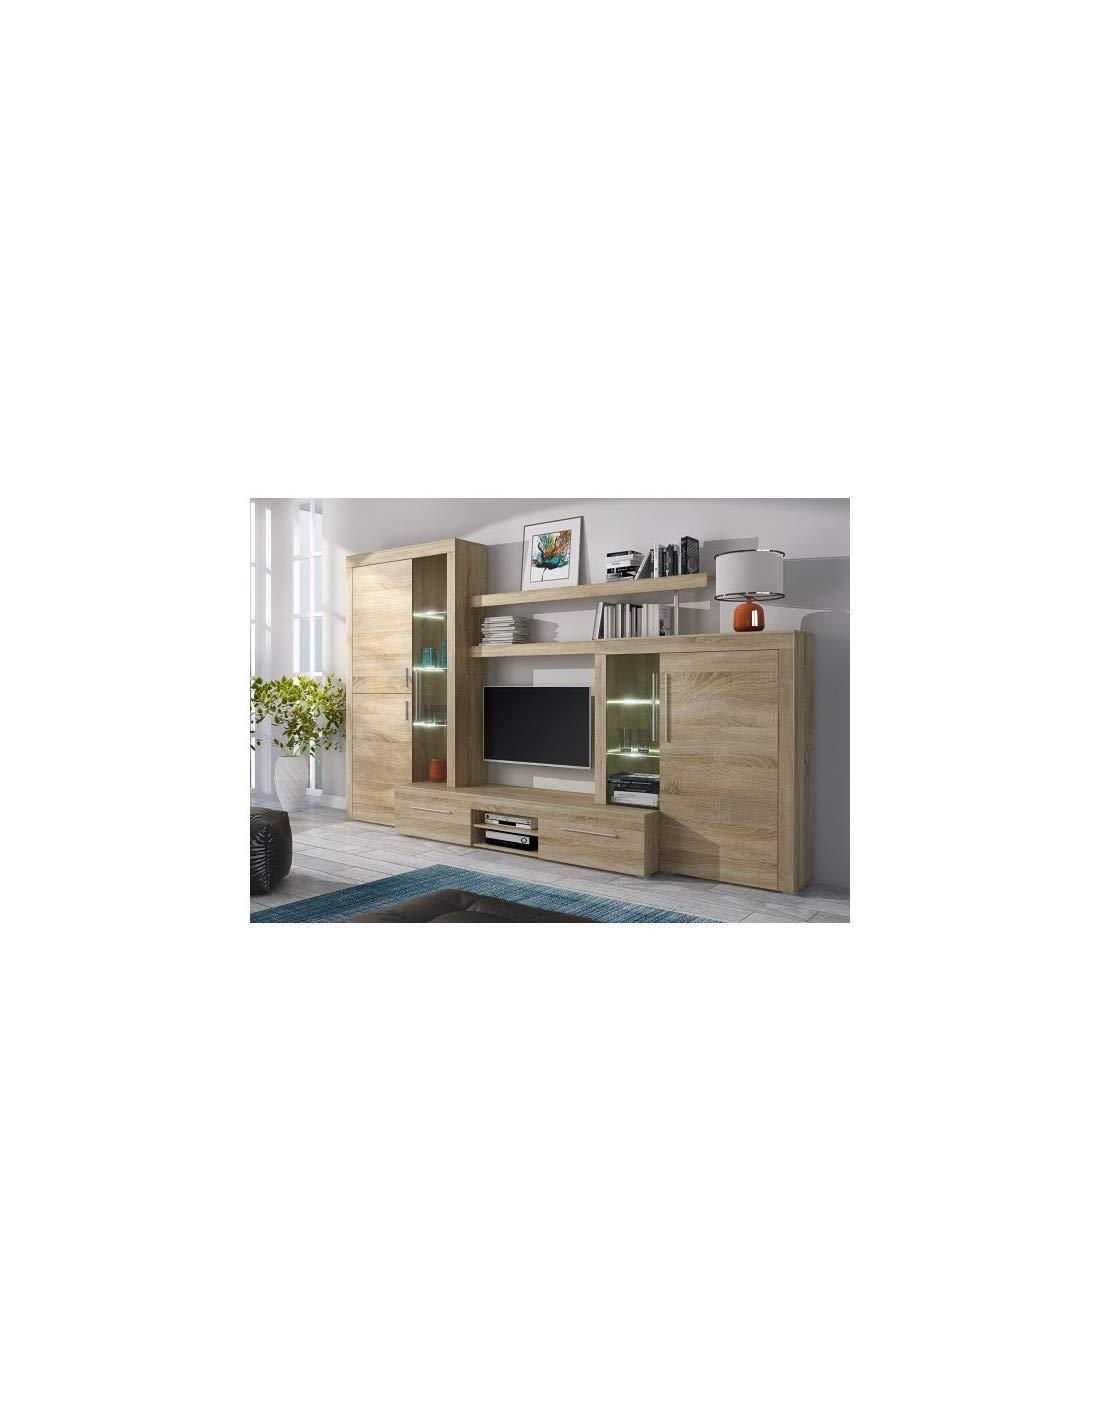 DECORNATUR Mueble de salón Modular Menorca Mueble TV y ...